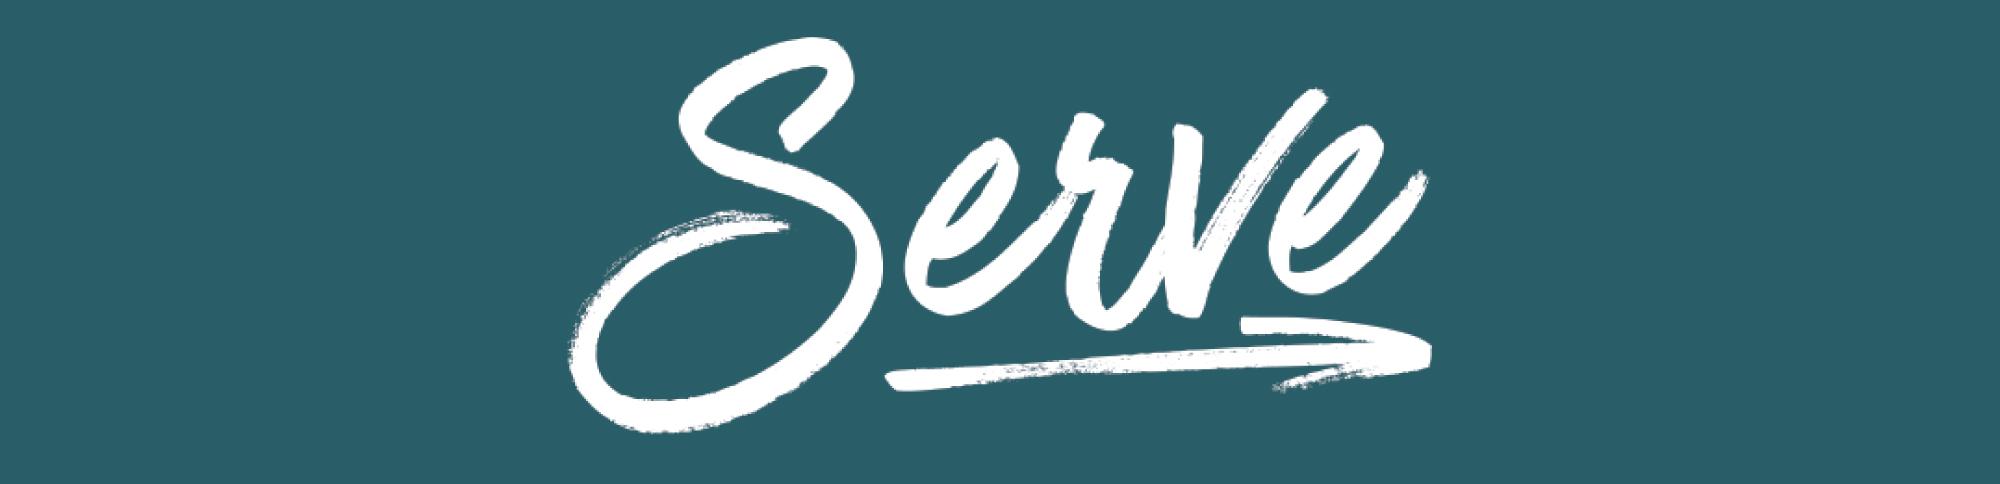 serve_web.jpg